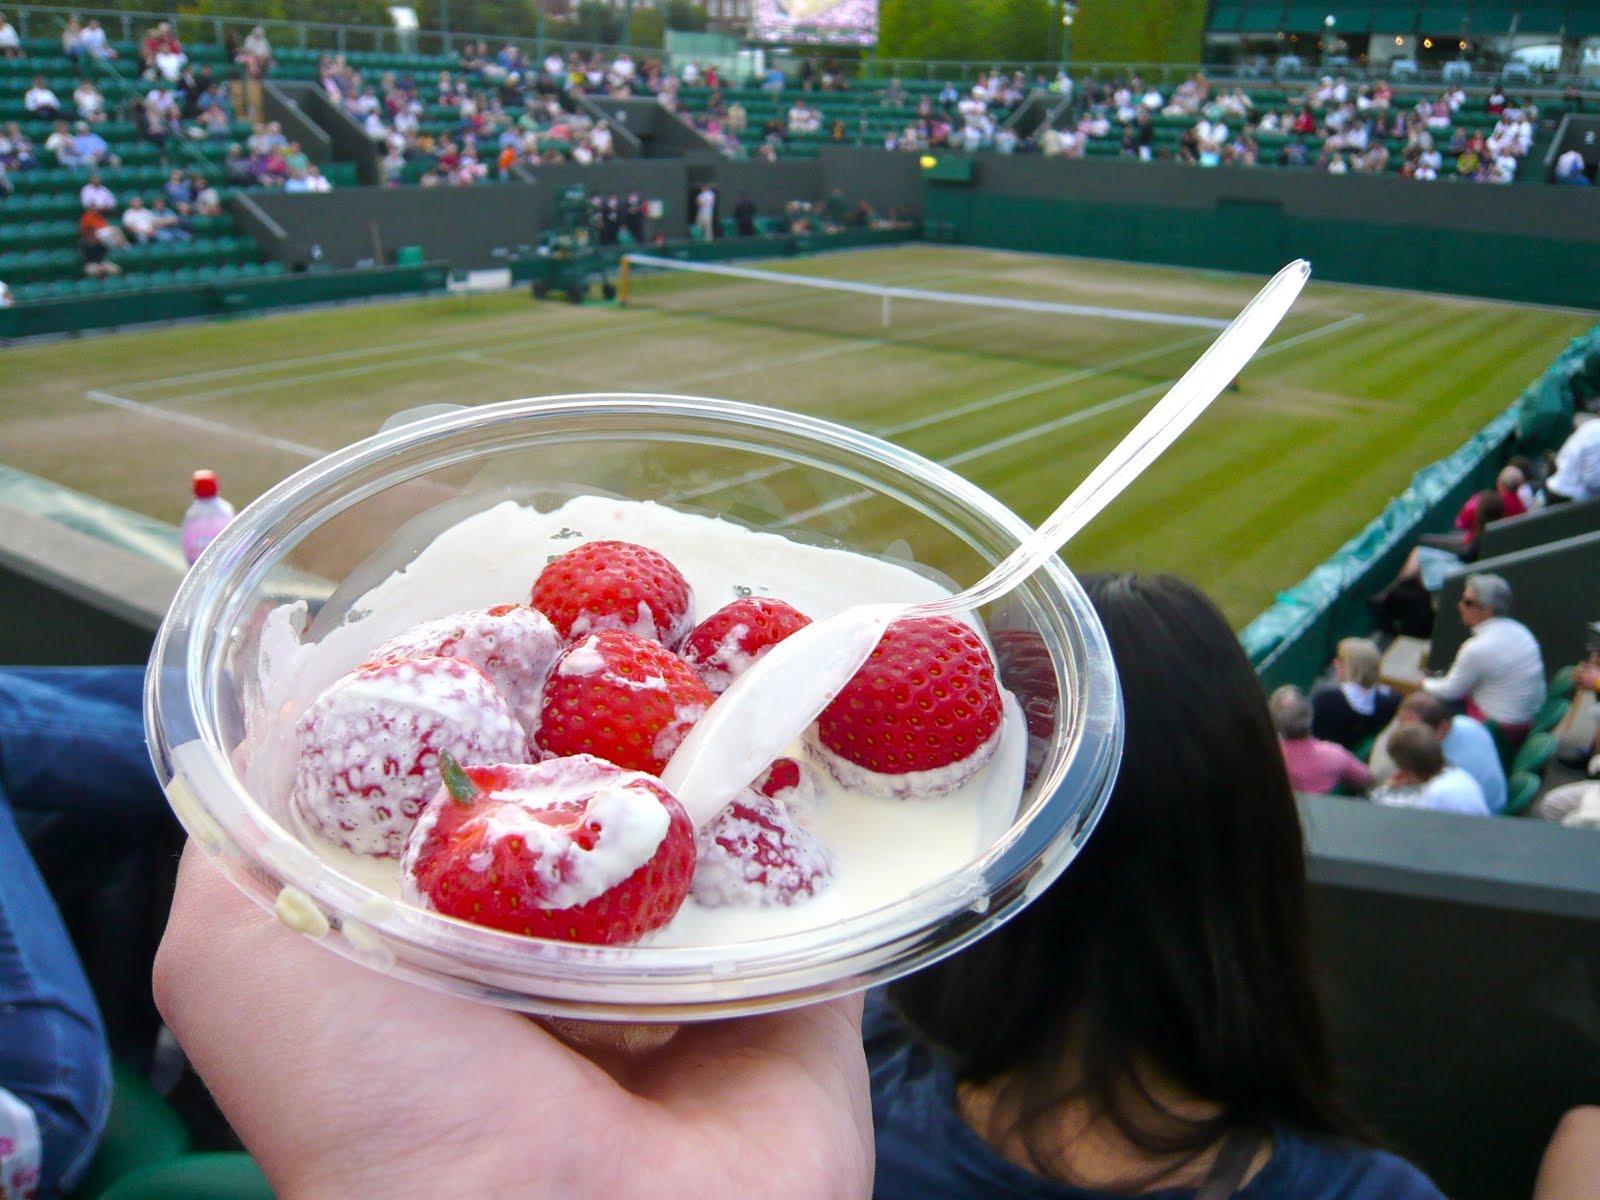 Strawberries and Cream Wimbledon